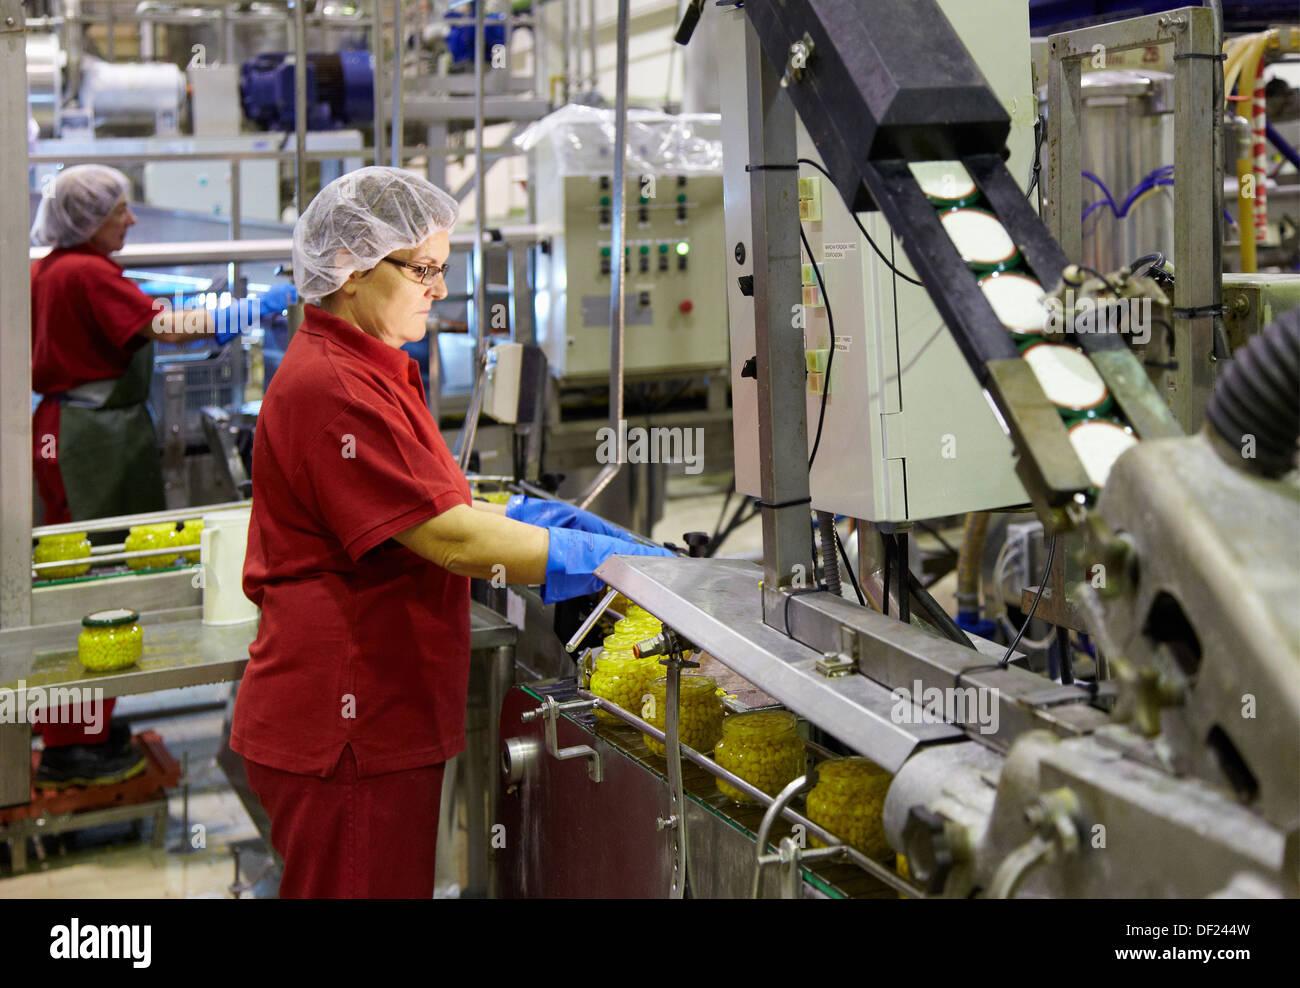 Produktionslinie für eingelegtes Gemüse und Bohnen in Glasflasche, Mais, Mais, Konservenindustrie, Agrar-und Ernährungswirtschaft, Navarra, Spanien Stockbild